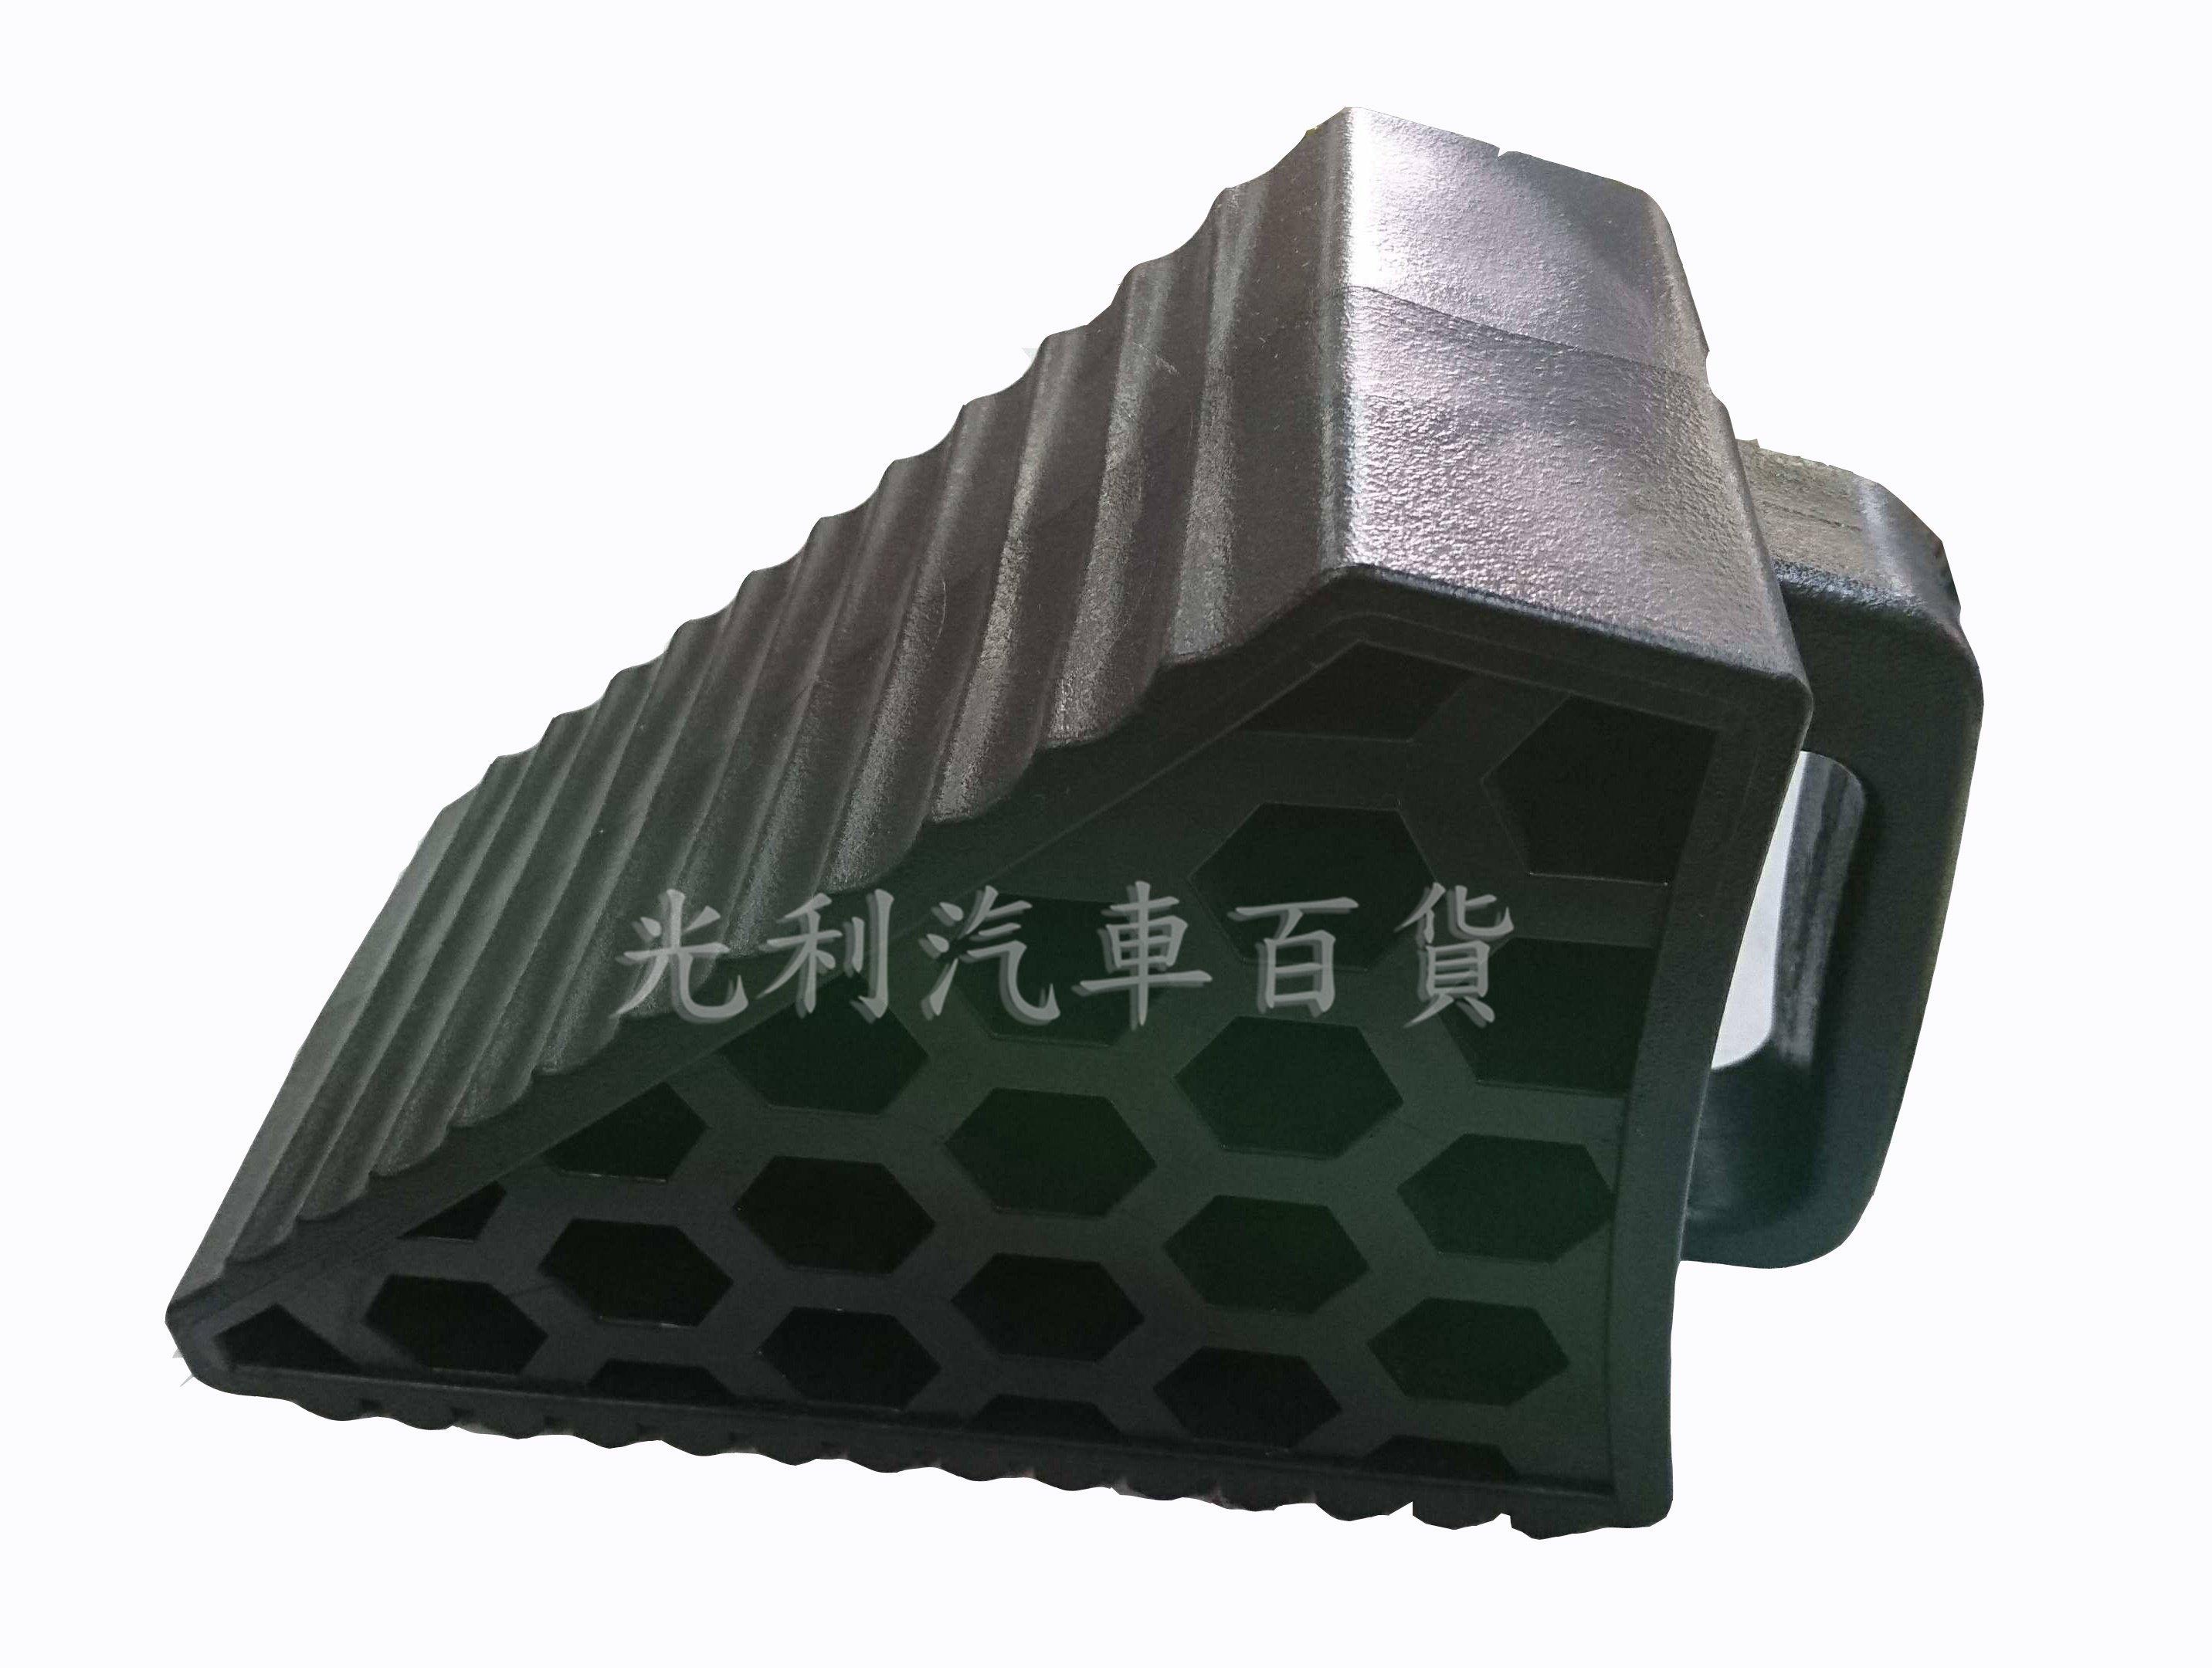 含稅 PVC 移動擋車墩 中型 移動式 擋輪器 車輪擋 黑色 斜坡 停車場專用